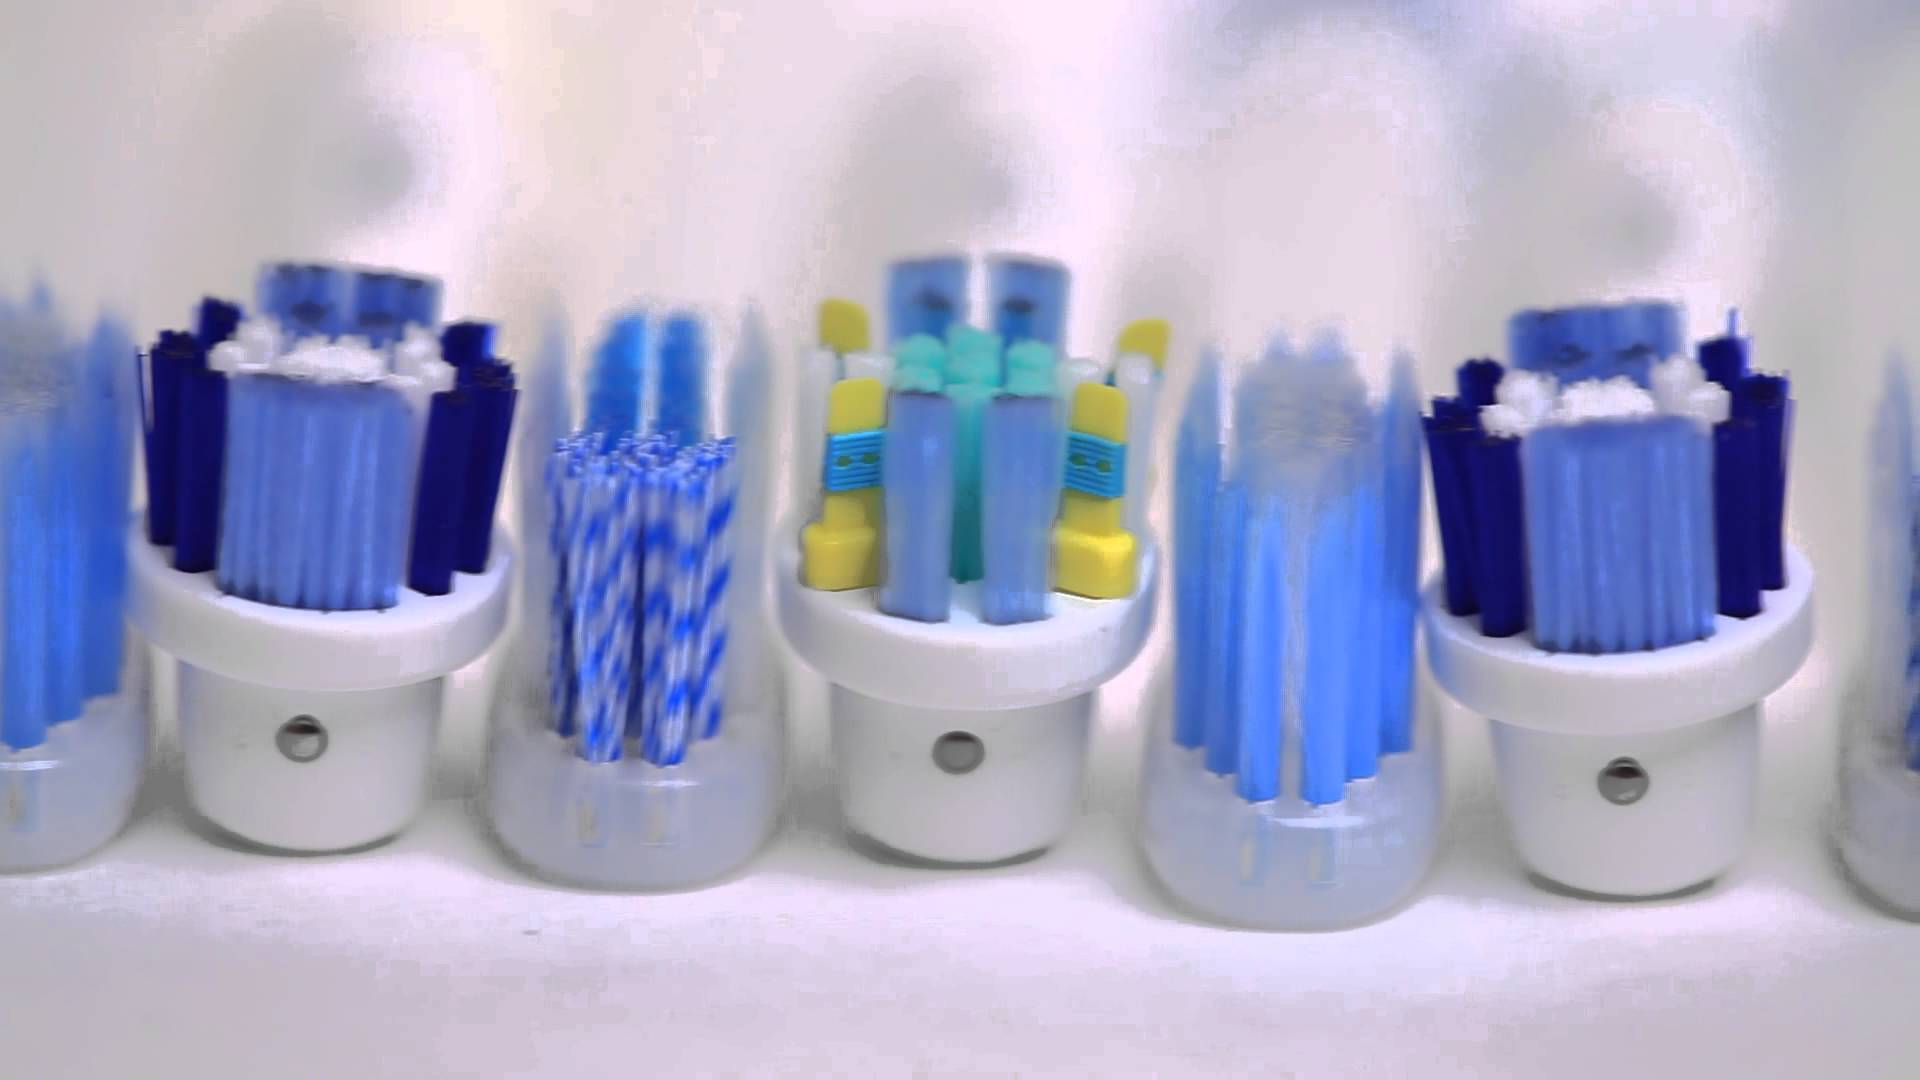 Как избавиться от зубного камня в домашних условиях. Четыре вида методов борьбы